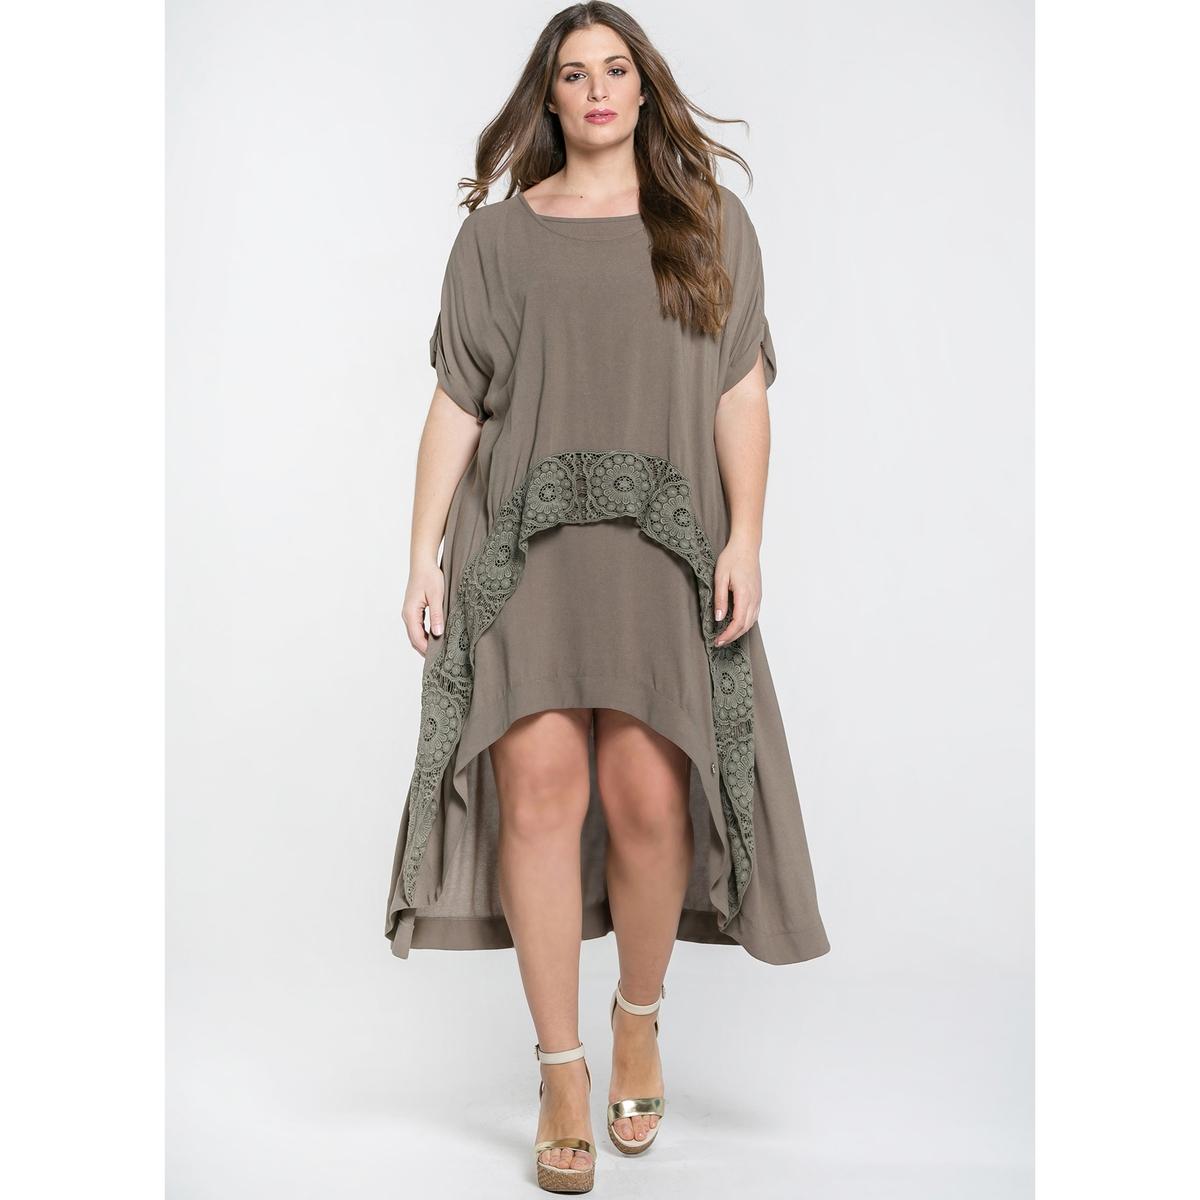 Платье расклешенное с короткими рукавами, немного длиннее сзади